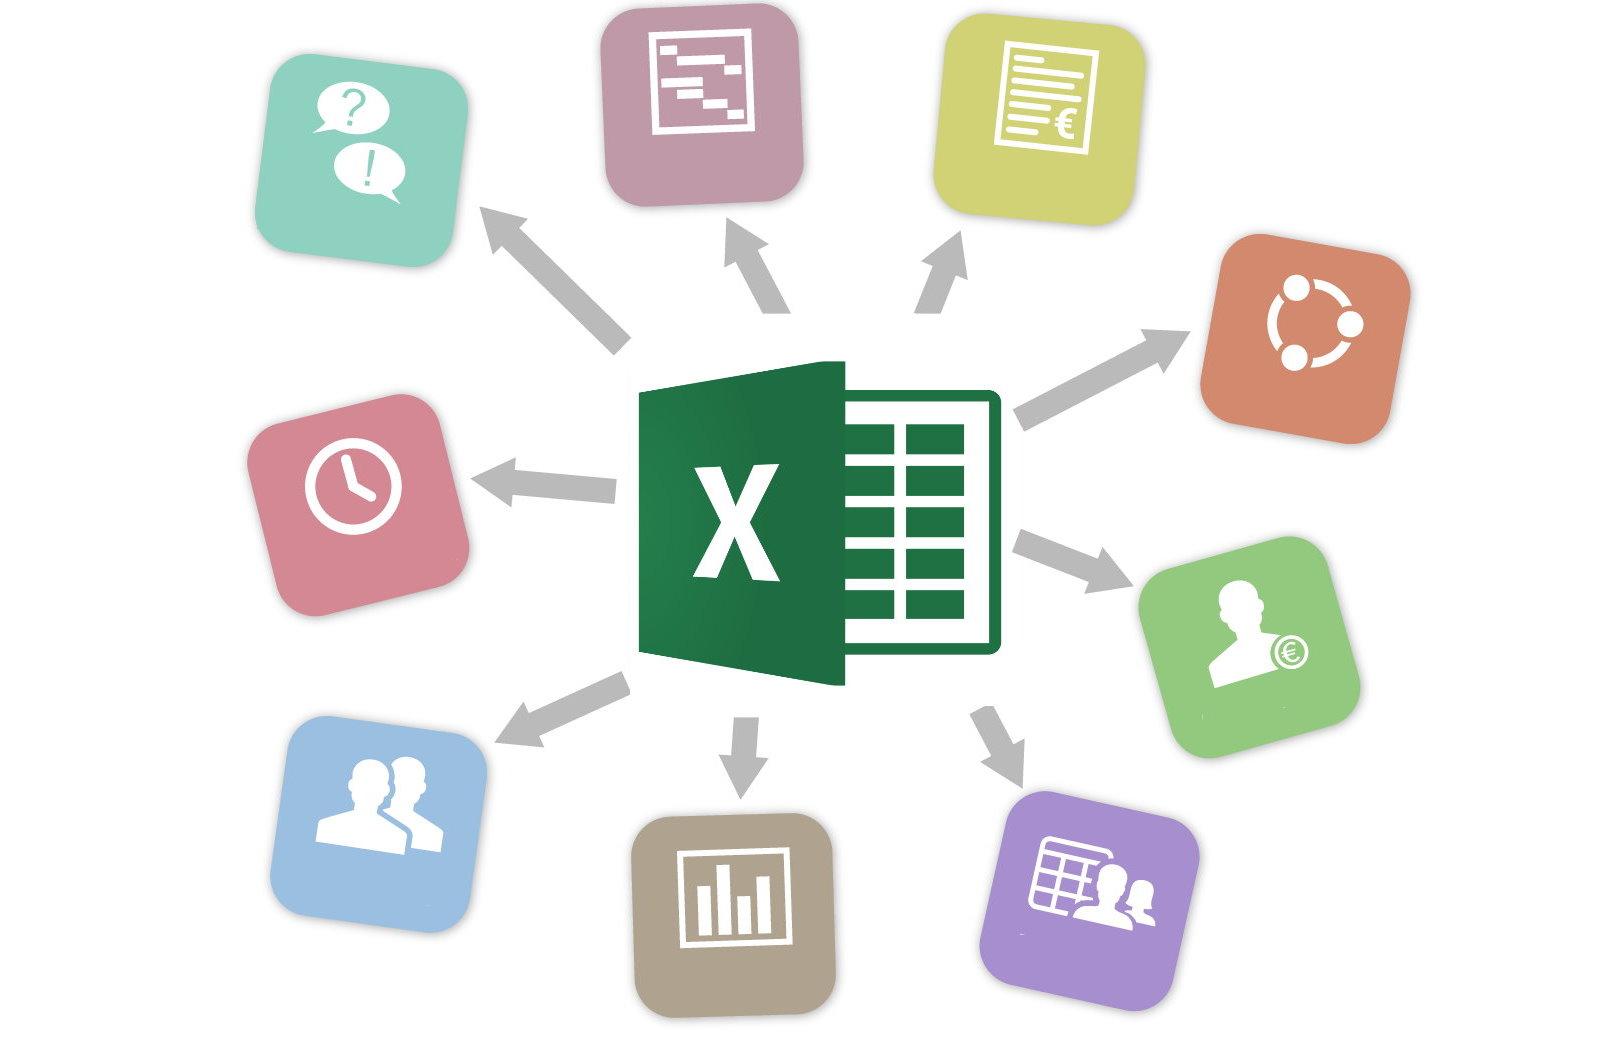 مدیریت پروژه در اکسل — راهنمای جامع و تصویری + مثال کاربردی